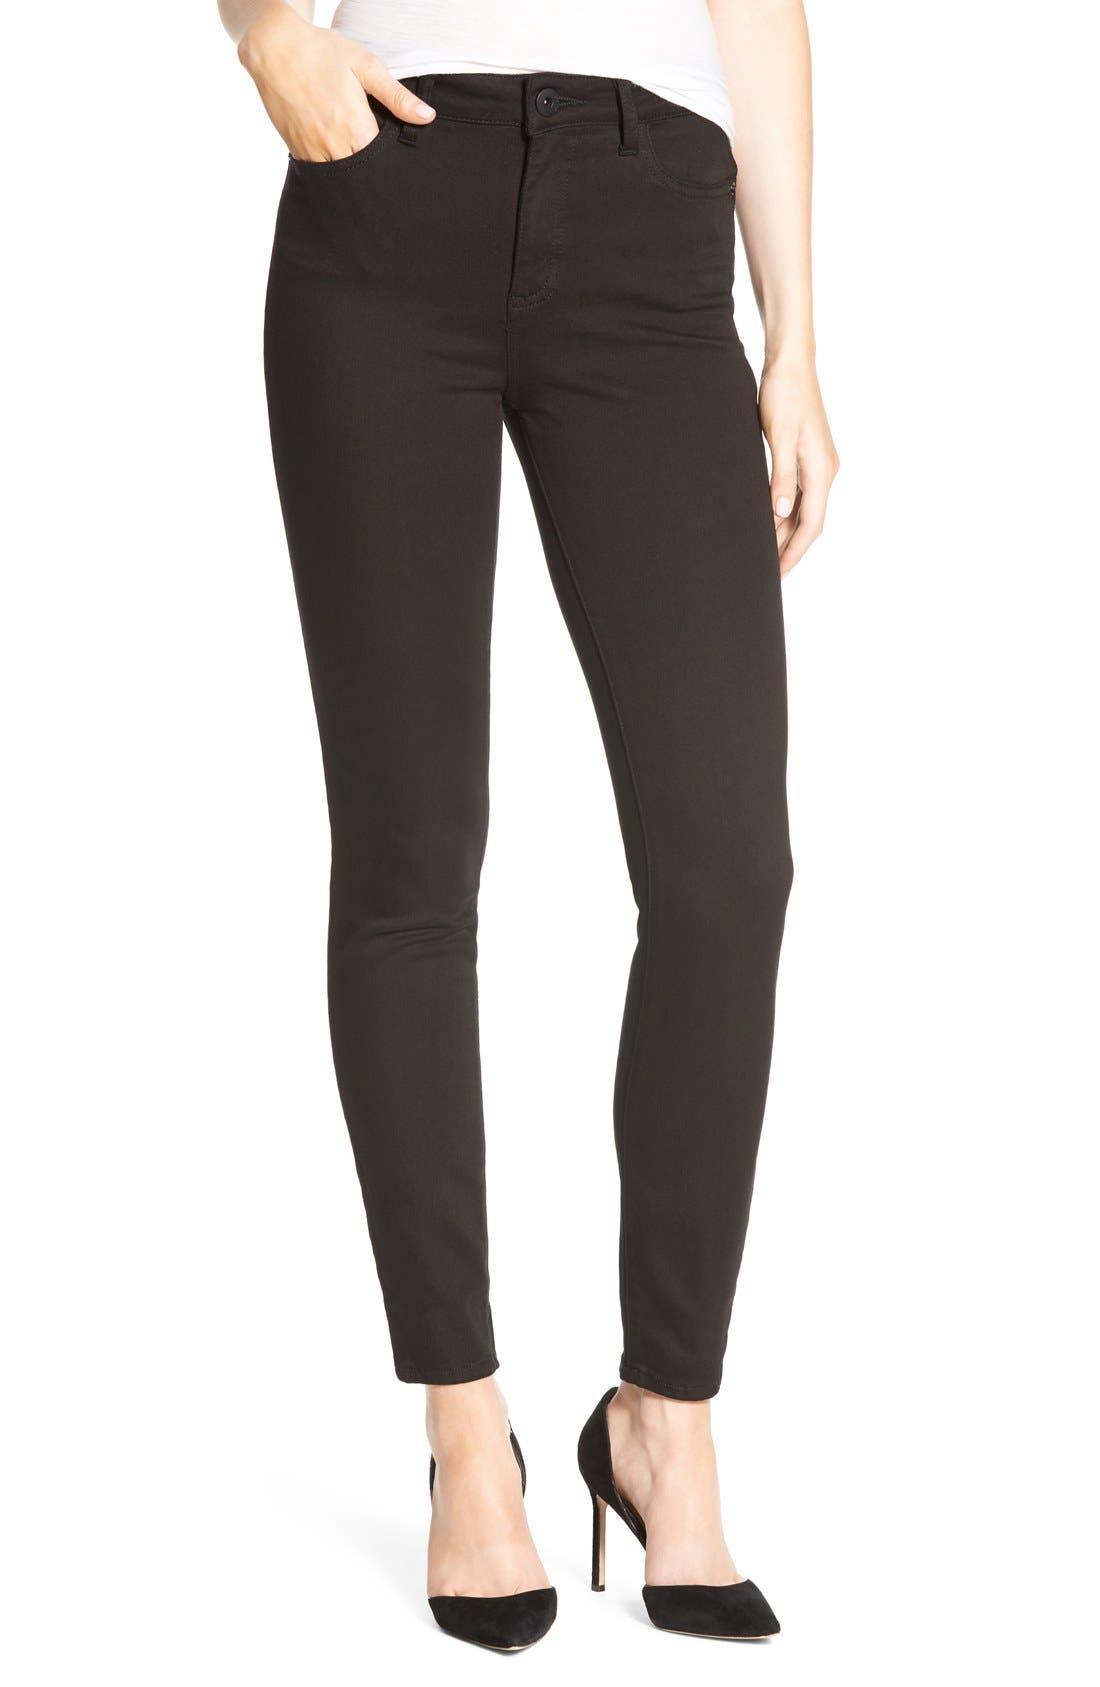 DL1961 Farrow High Waist Instaslim Skinny Jeans (Hail)